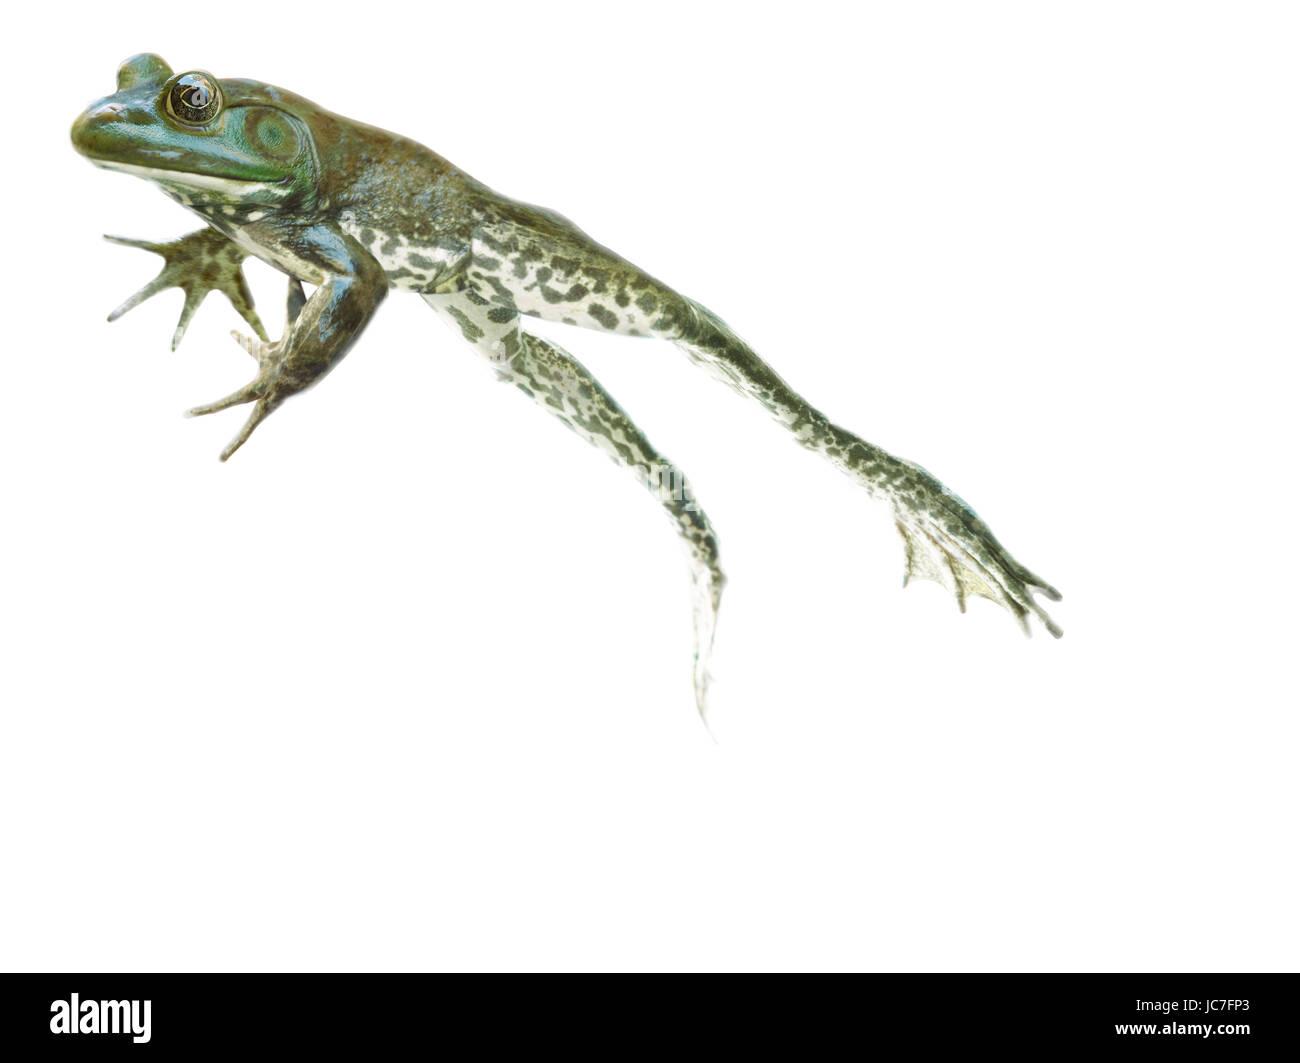 Frosch isoliert auf einem wei en hintergrund gr ner frosch springen hoch springen stockfoto - Frosch auf englisch ...